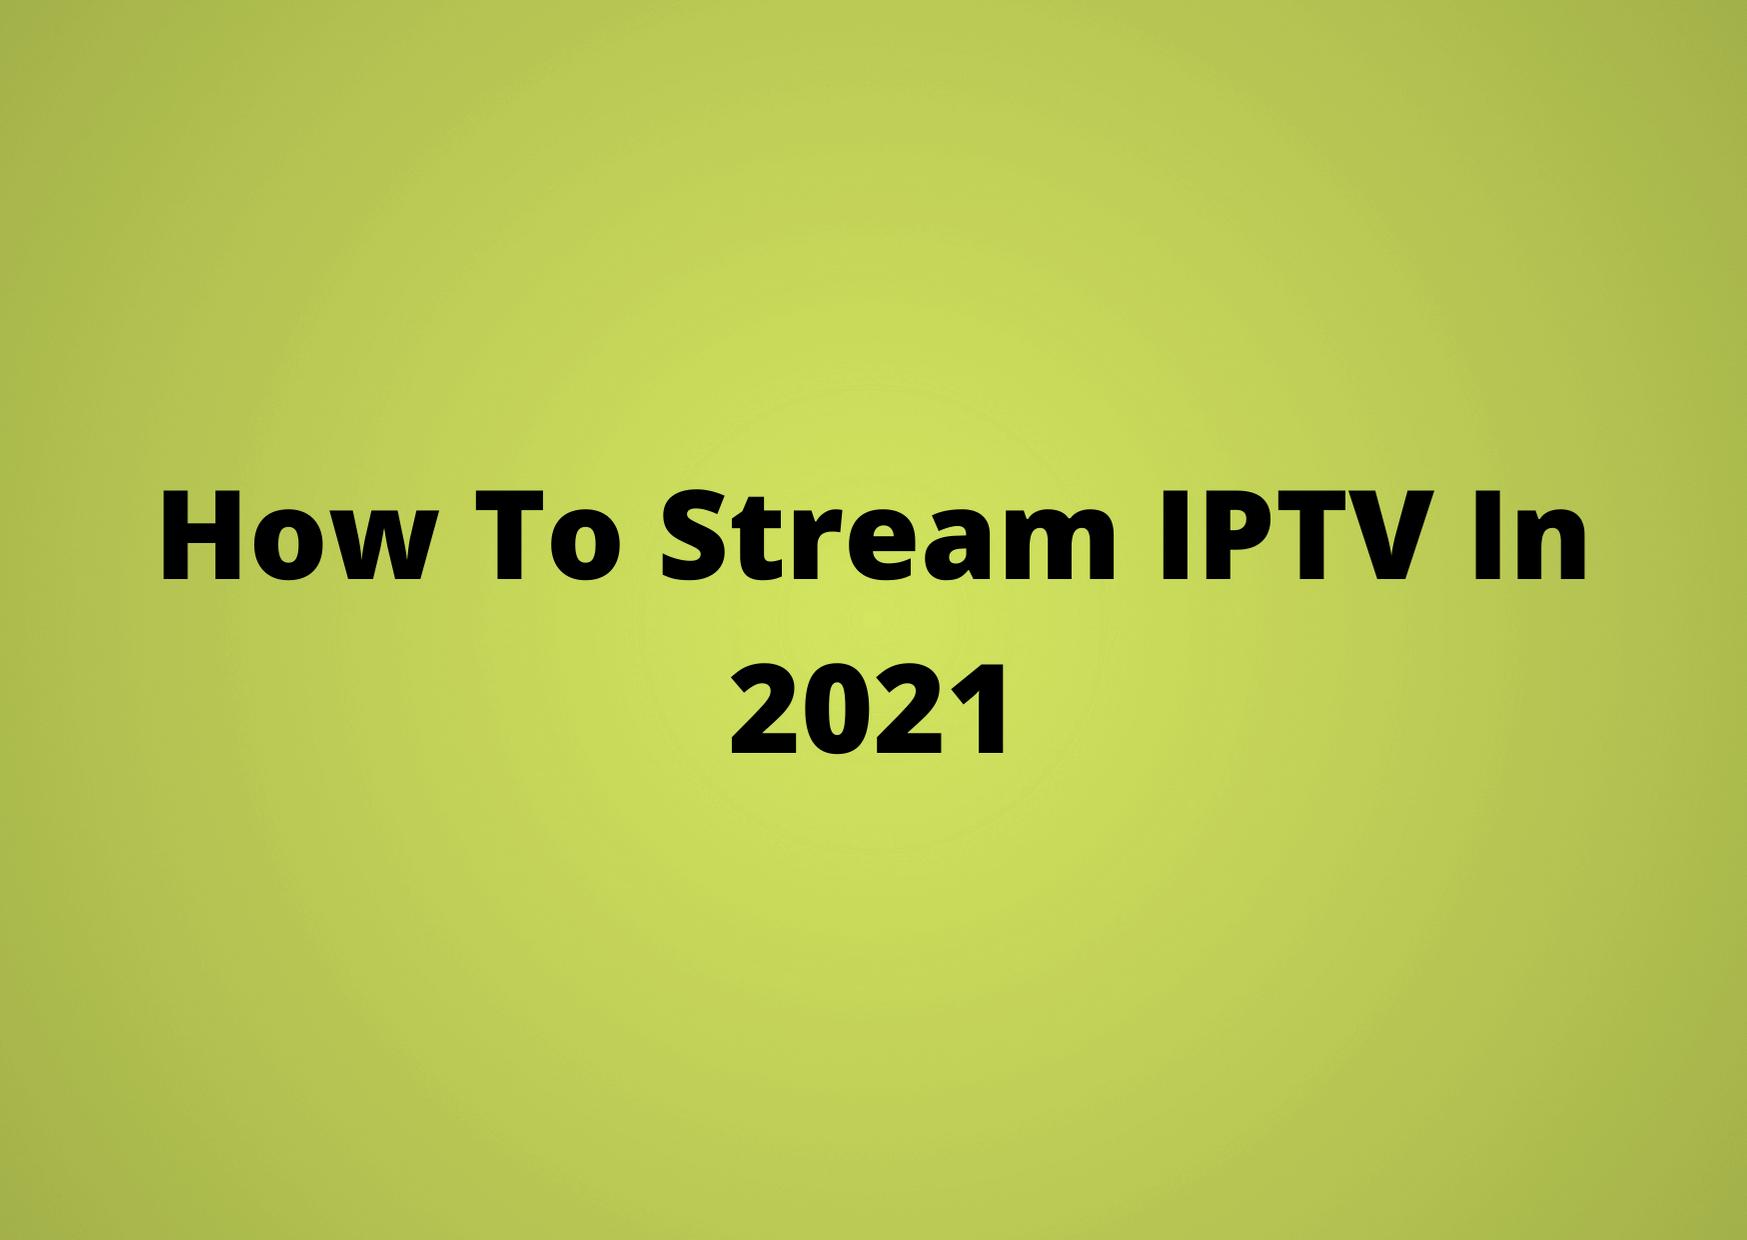 How To Stream IPTV In 2021